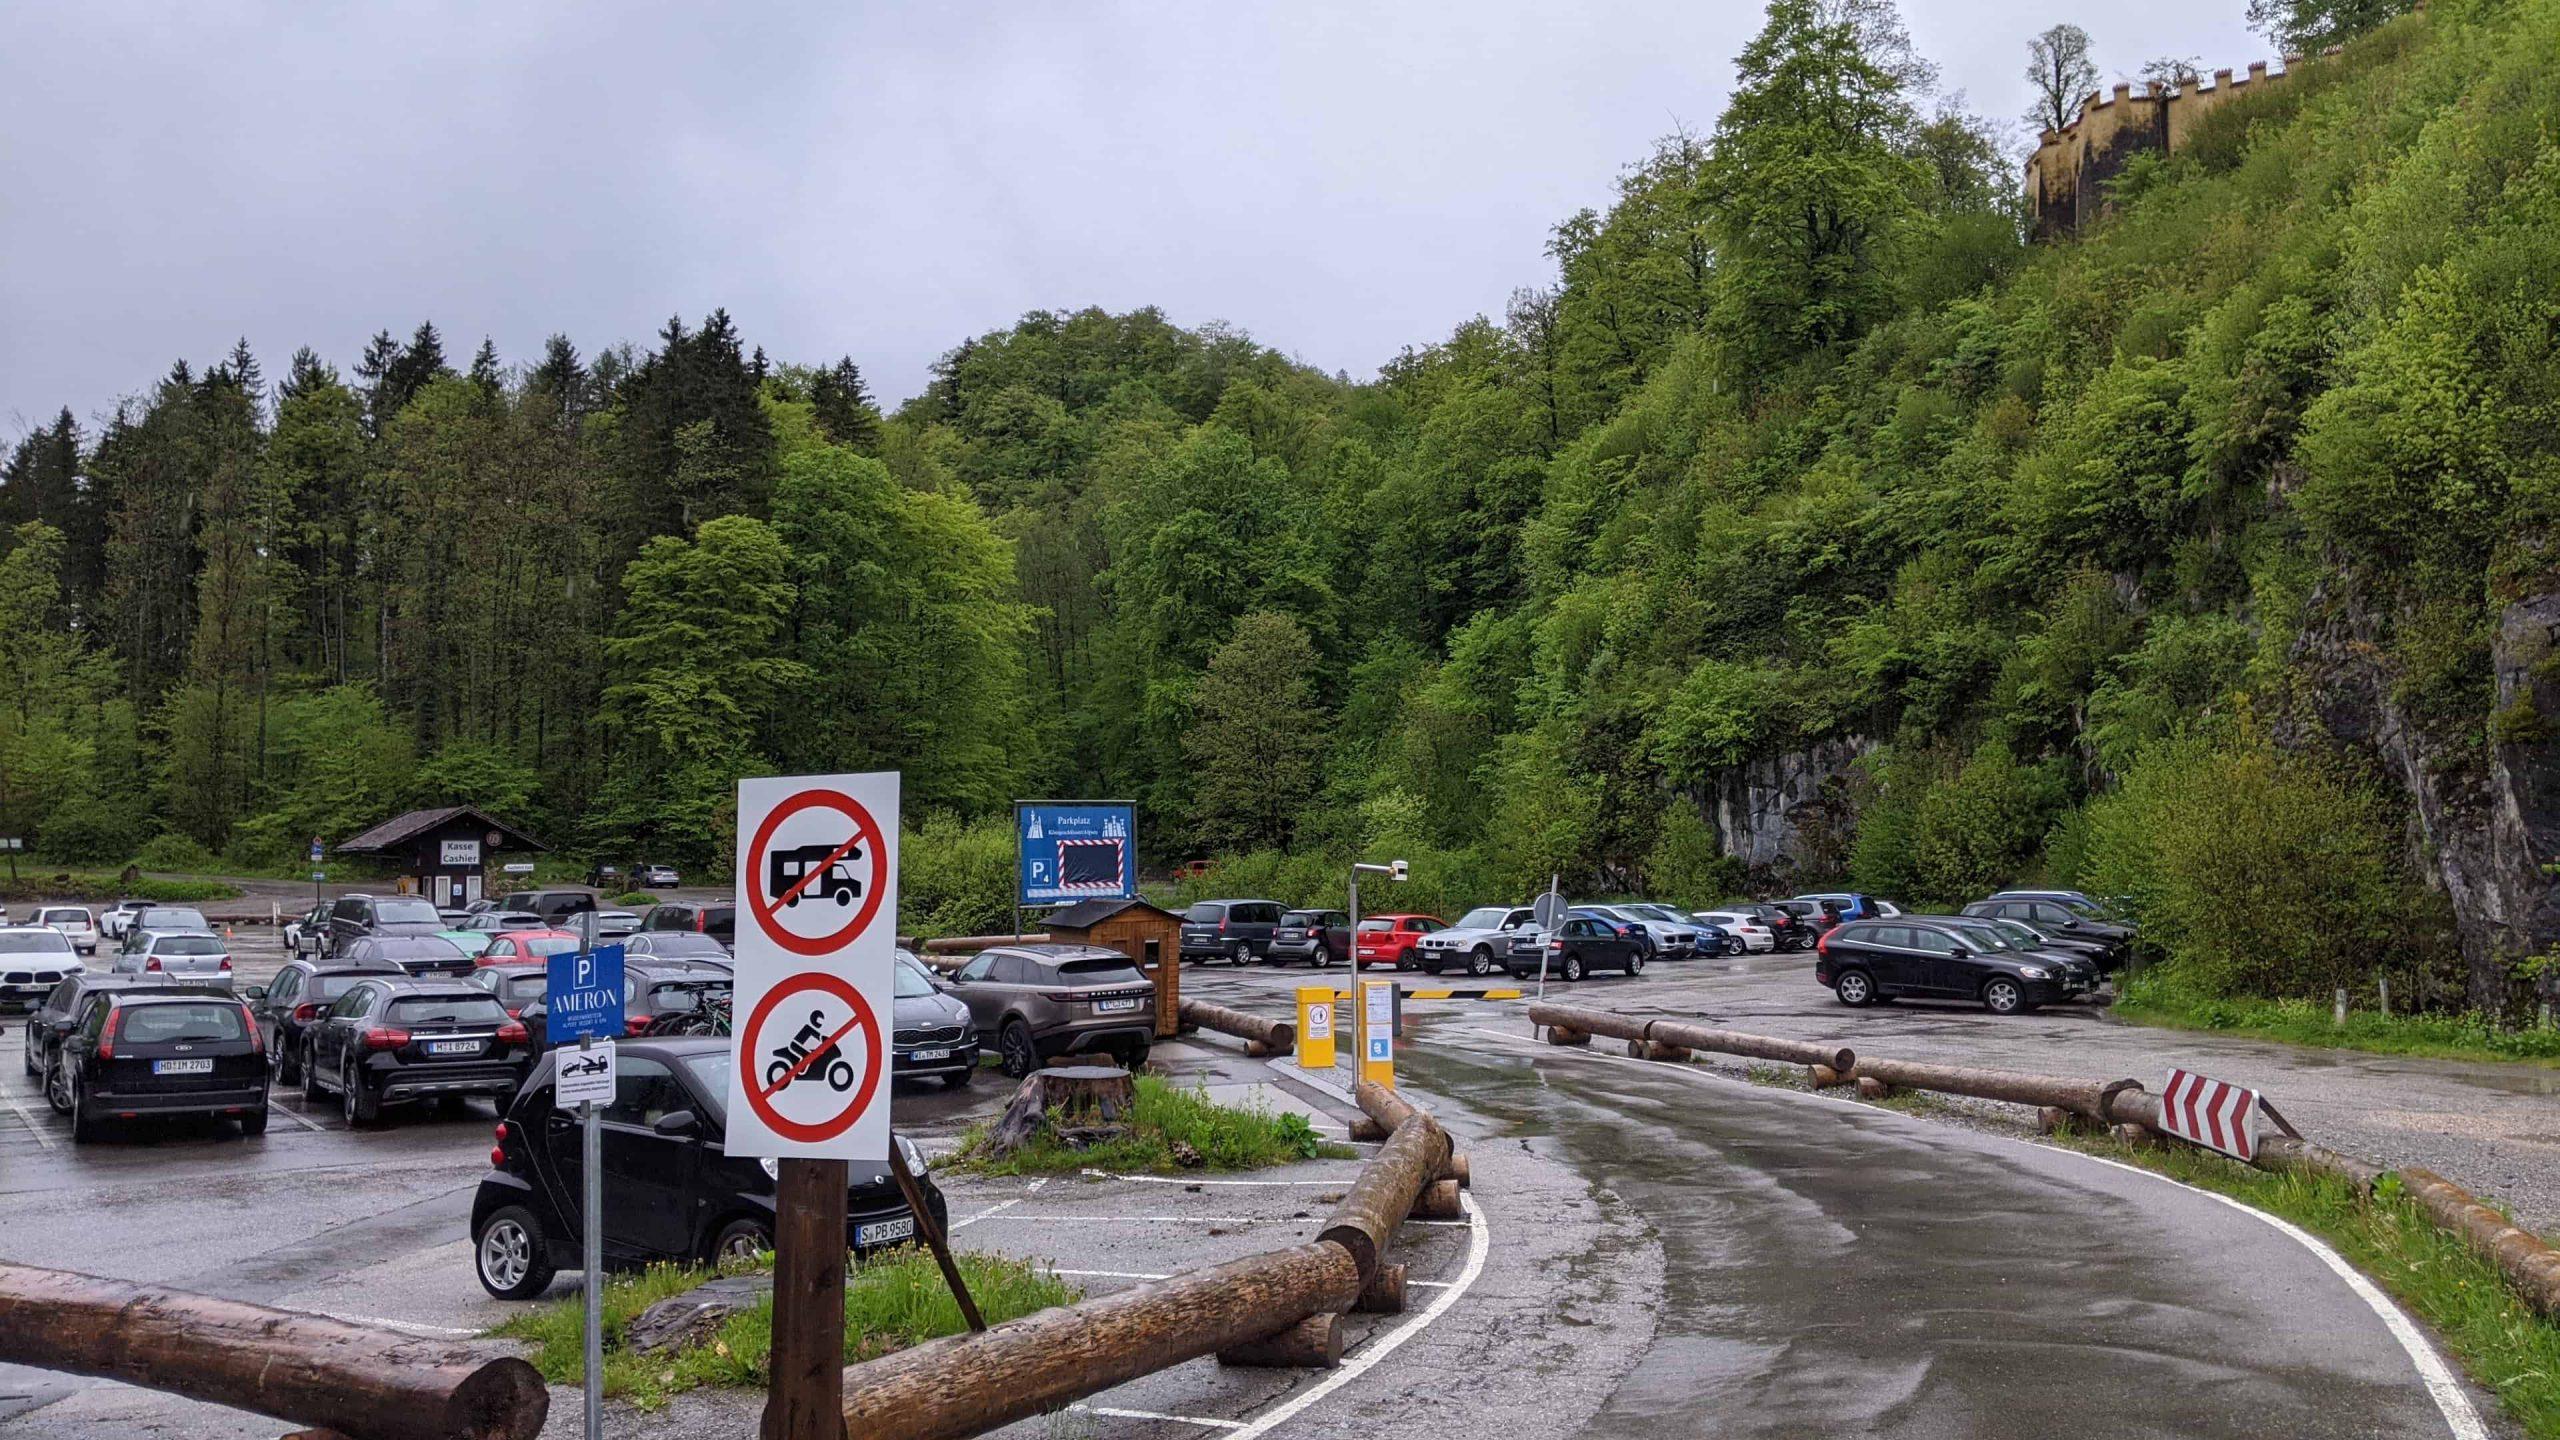 ノイシュバンシュタイン城の駐車場